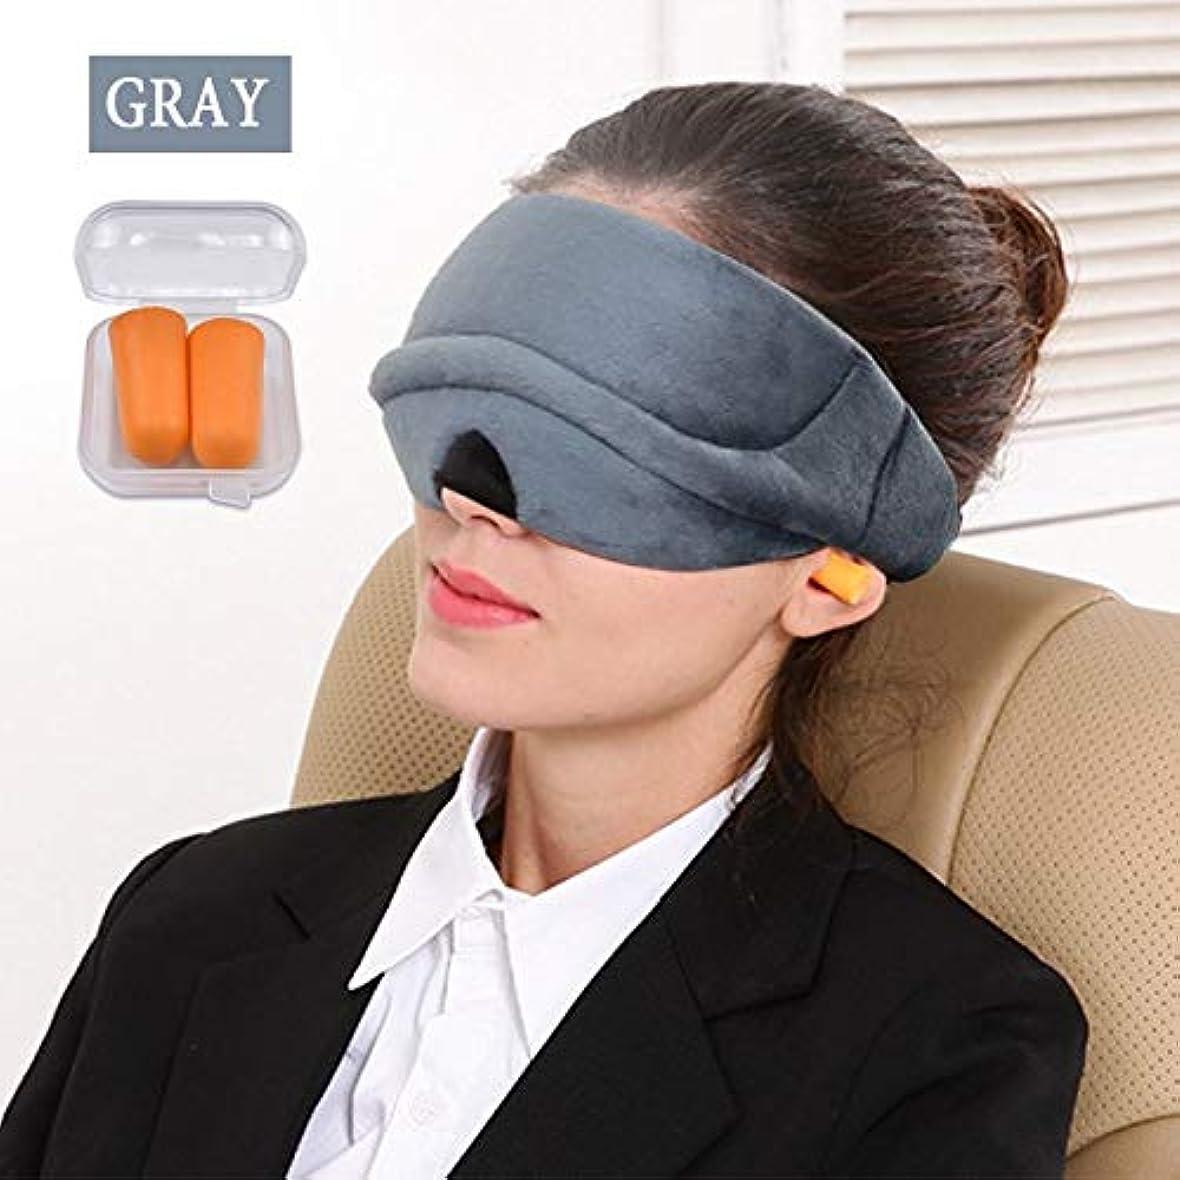 楽しい入札滴下NOTE 新しい睡眠アイマスクベルベットスーパーコンフォートアイシェードアイ包帯シェードカバー旅行リラックス援助目隠しブロックライト